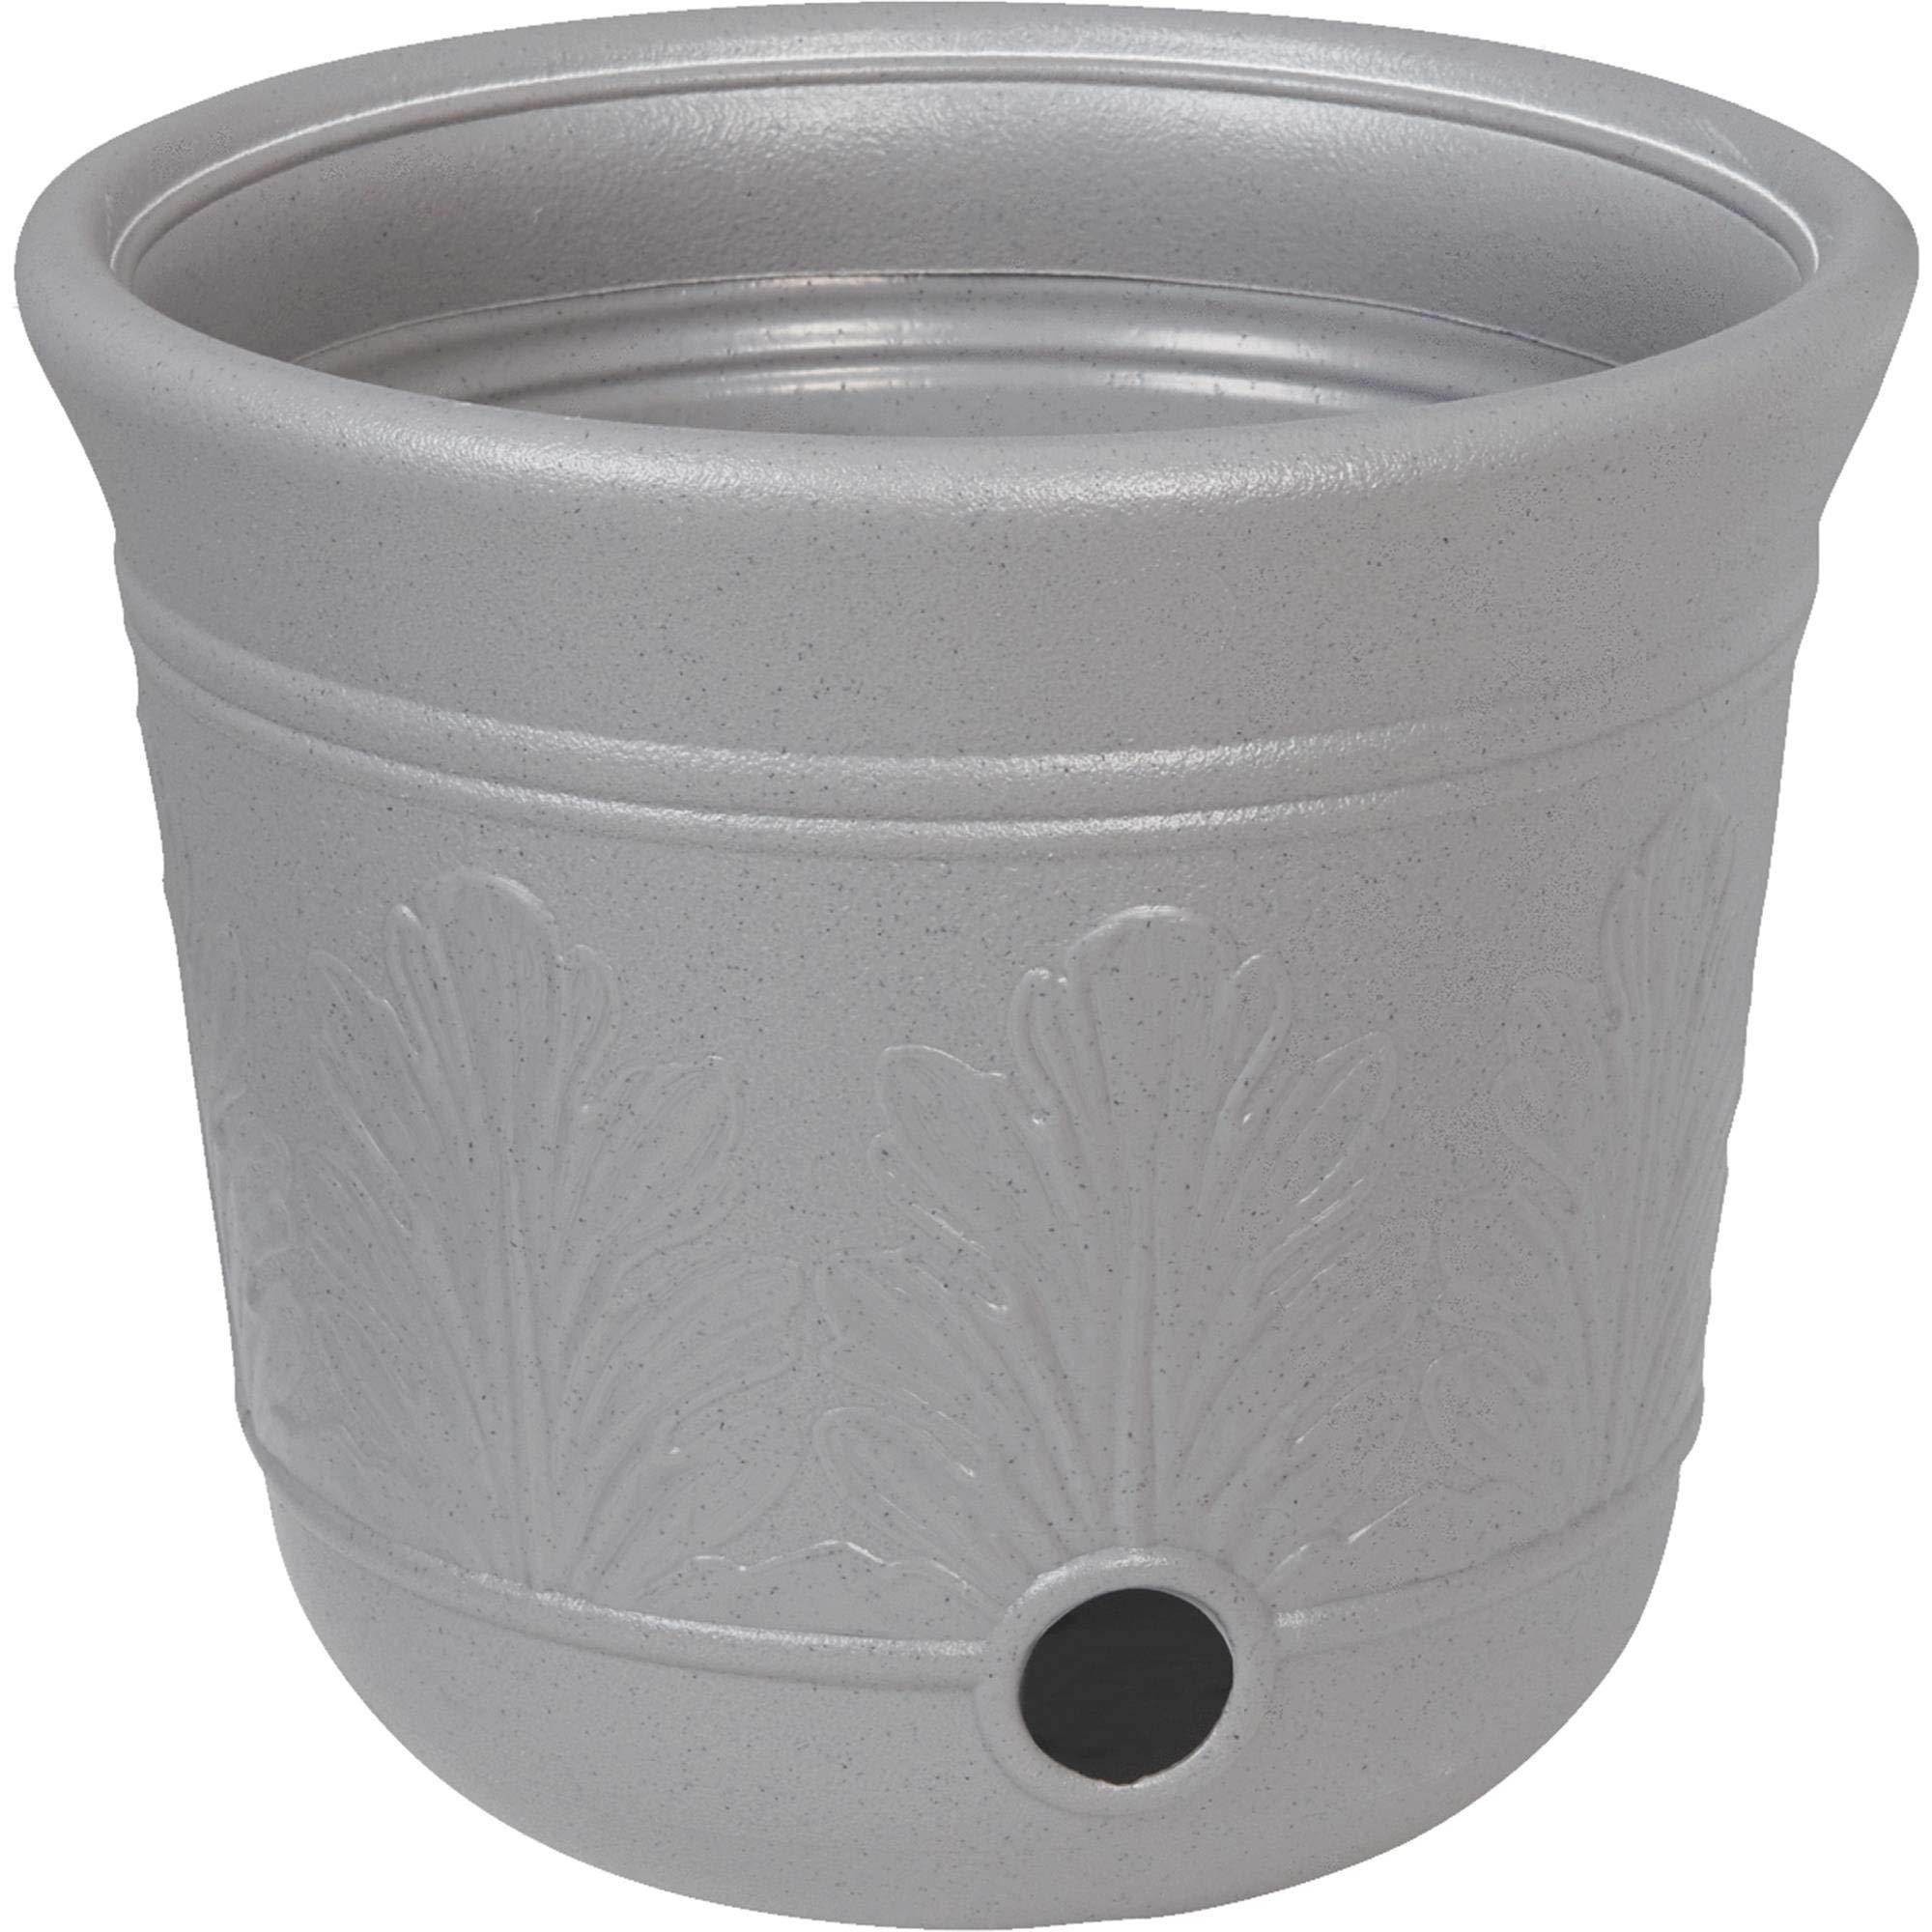 Suncast CPLHPL100 5 Gallon Hose Pot, Gray